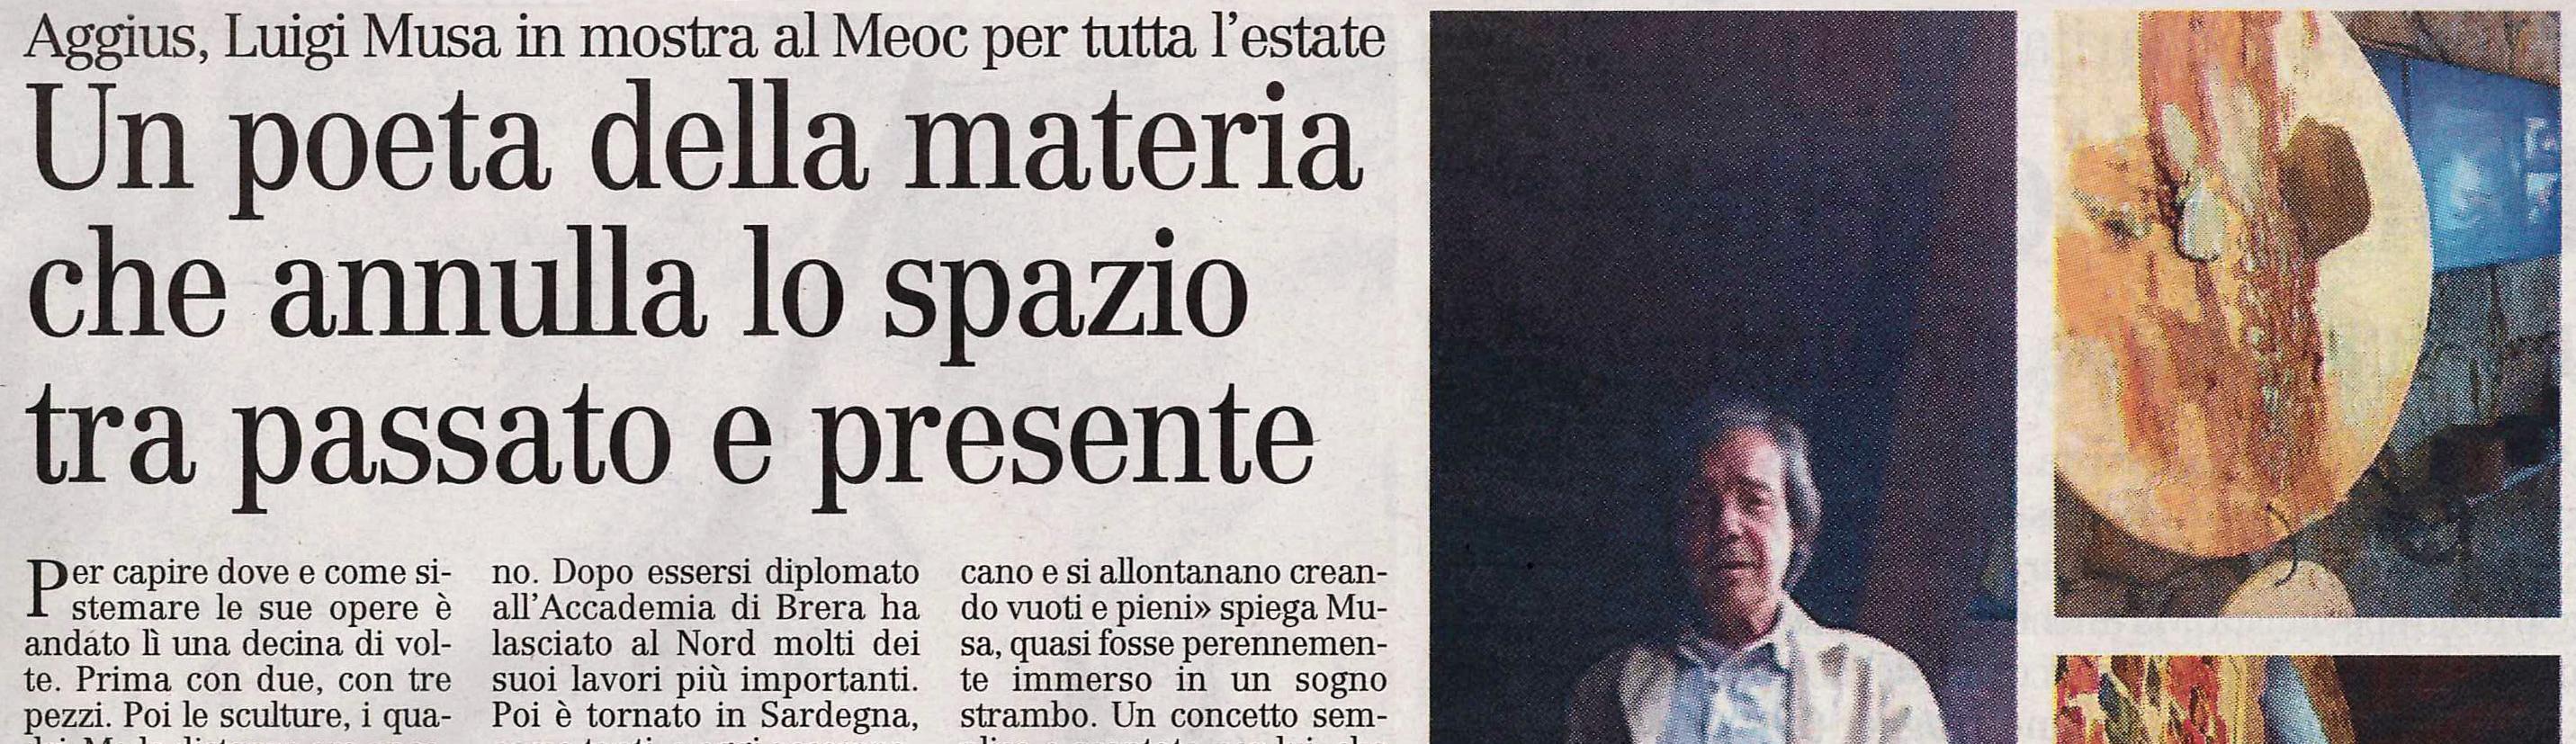 """Museo MEOC – """"unadistanza"""" di Luigi Musa – Articolo """"L'Unione Sarda"""""""